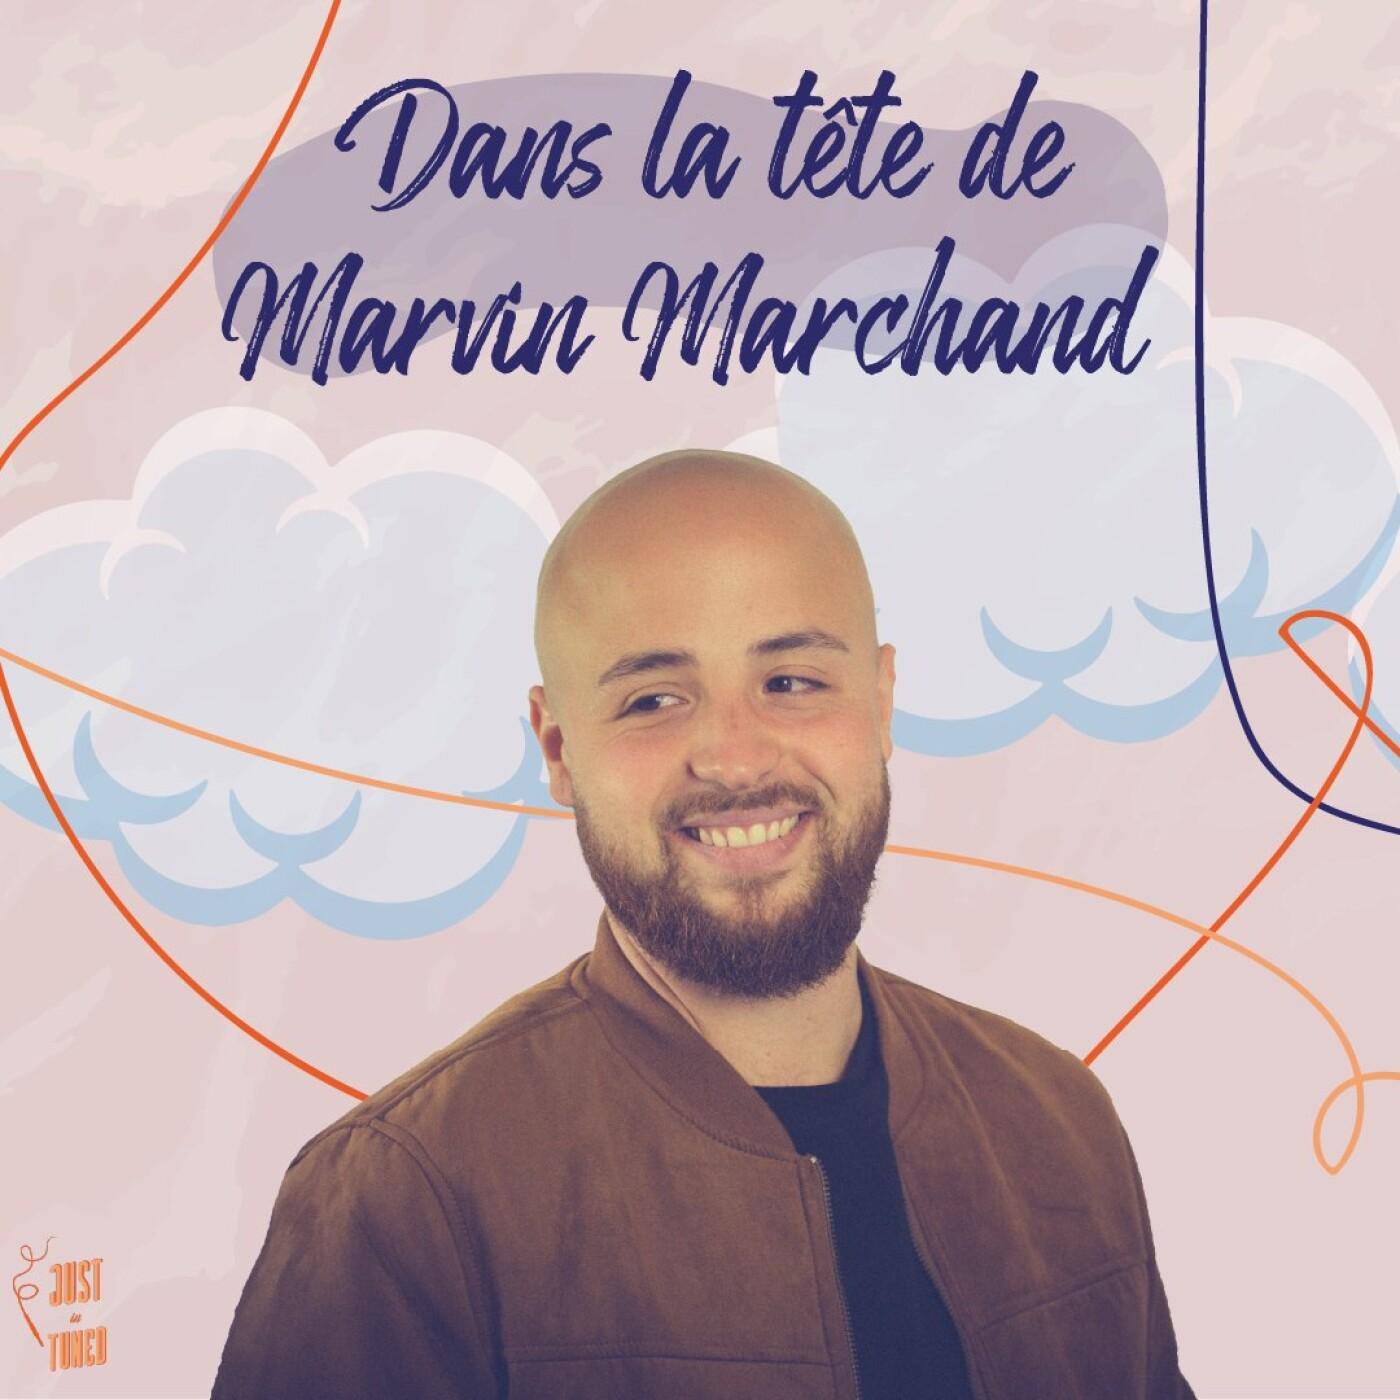 [Rediff'] - JIT#Bonus - Dans la tête de Marvin Marchand